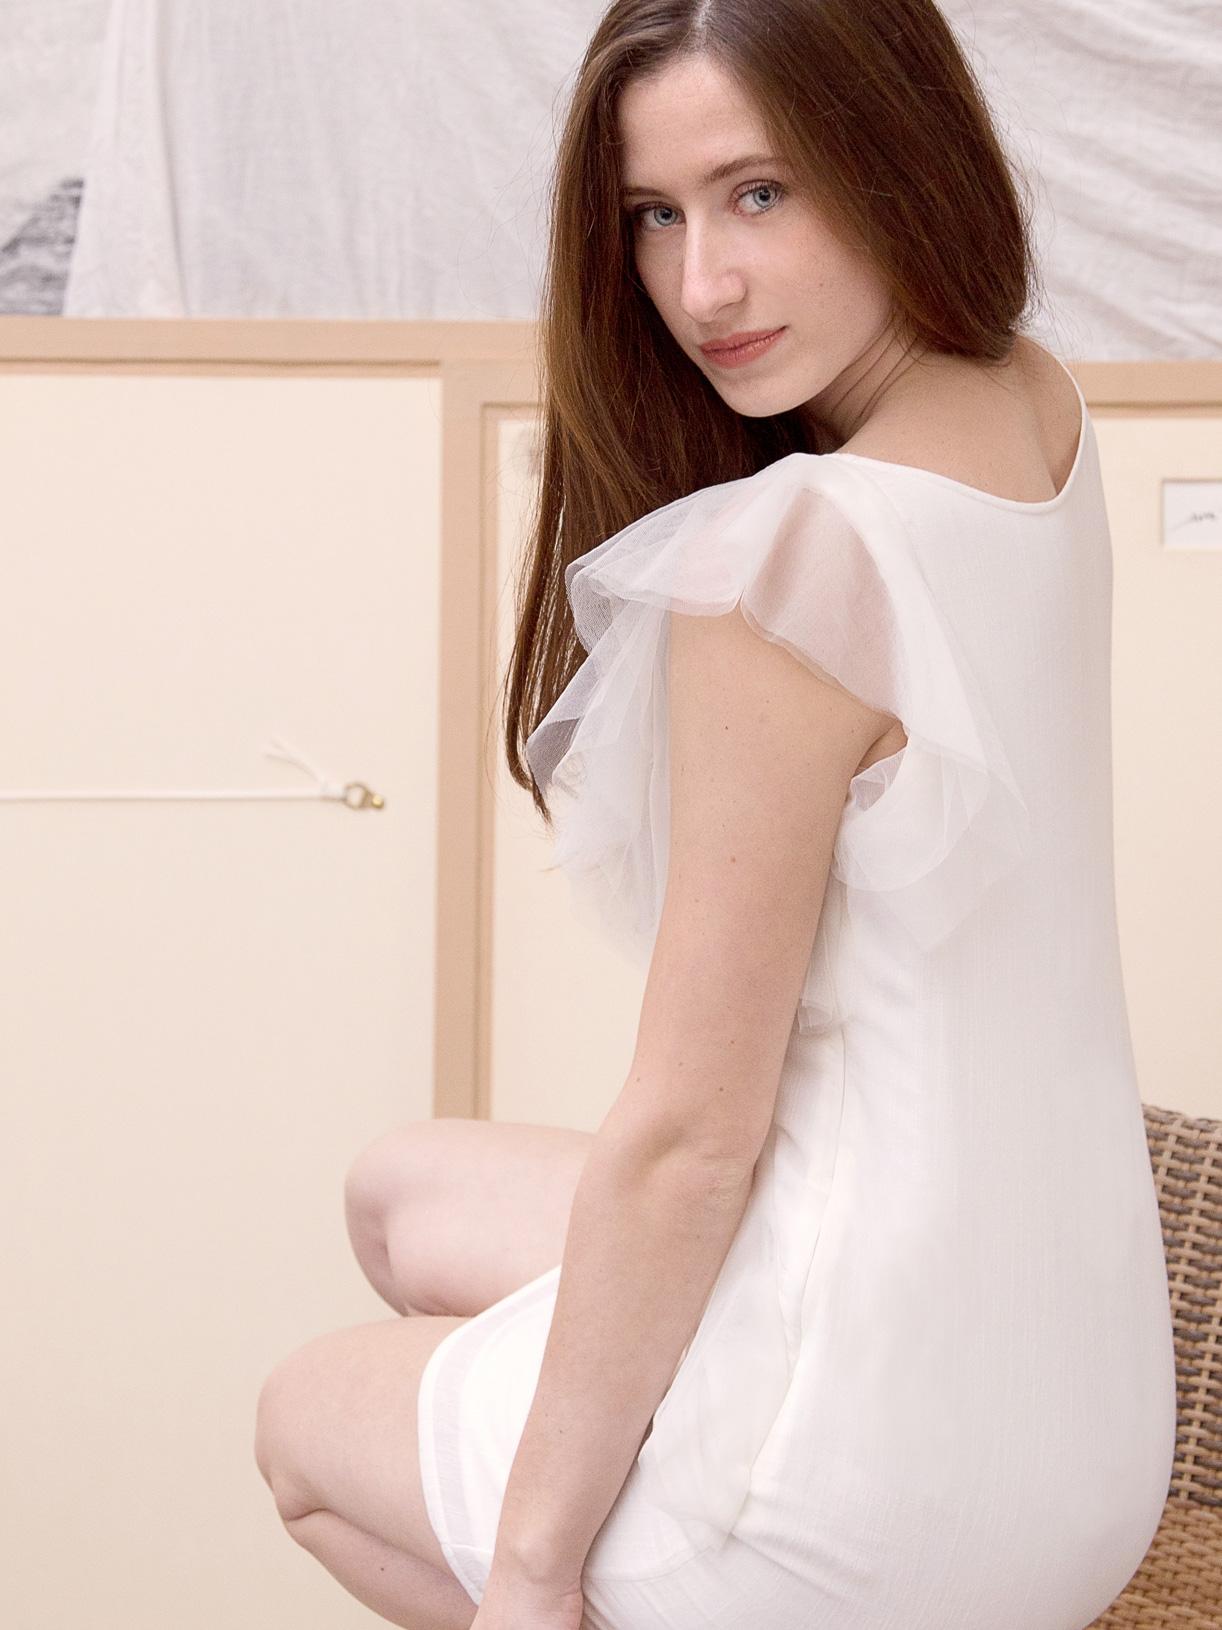 Elya - Robe de mariee courte a manches transparentes pour mariage civil ethique et eco-responsable - Myphilosophy